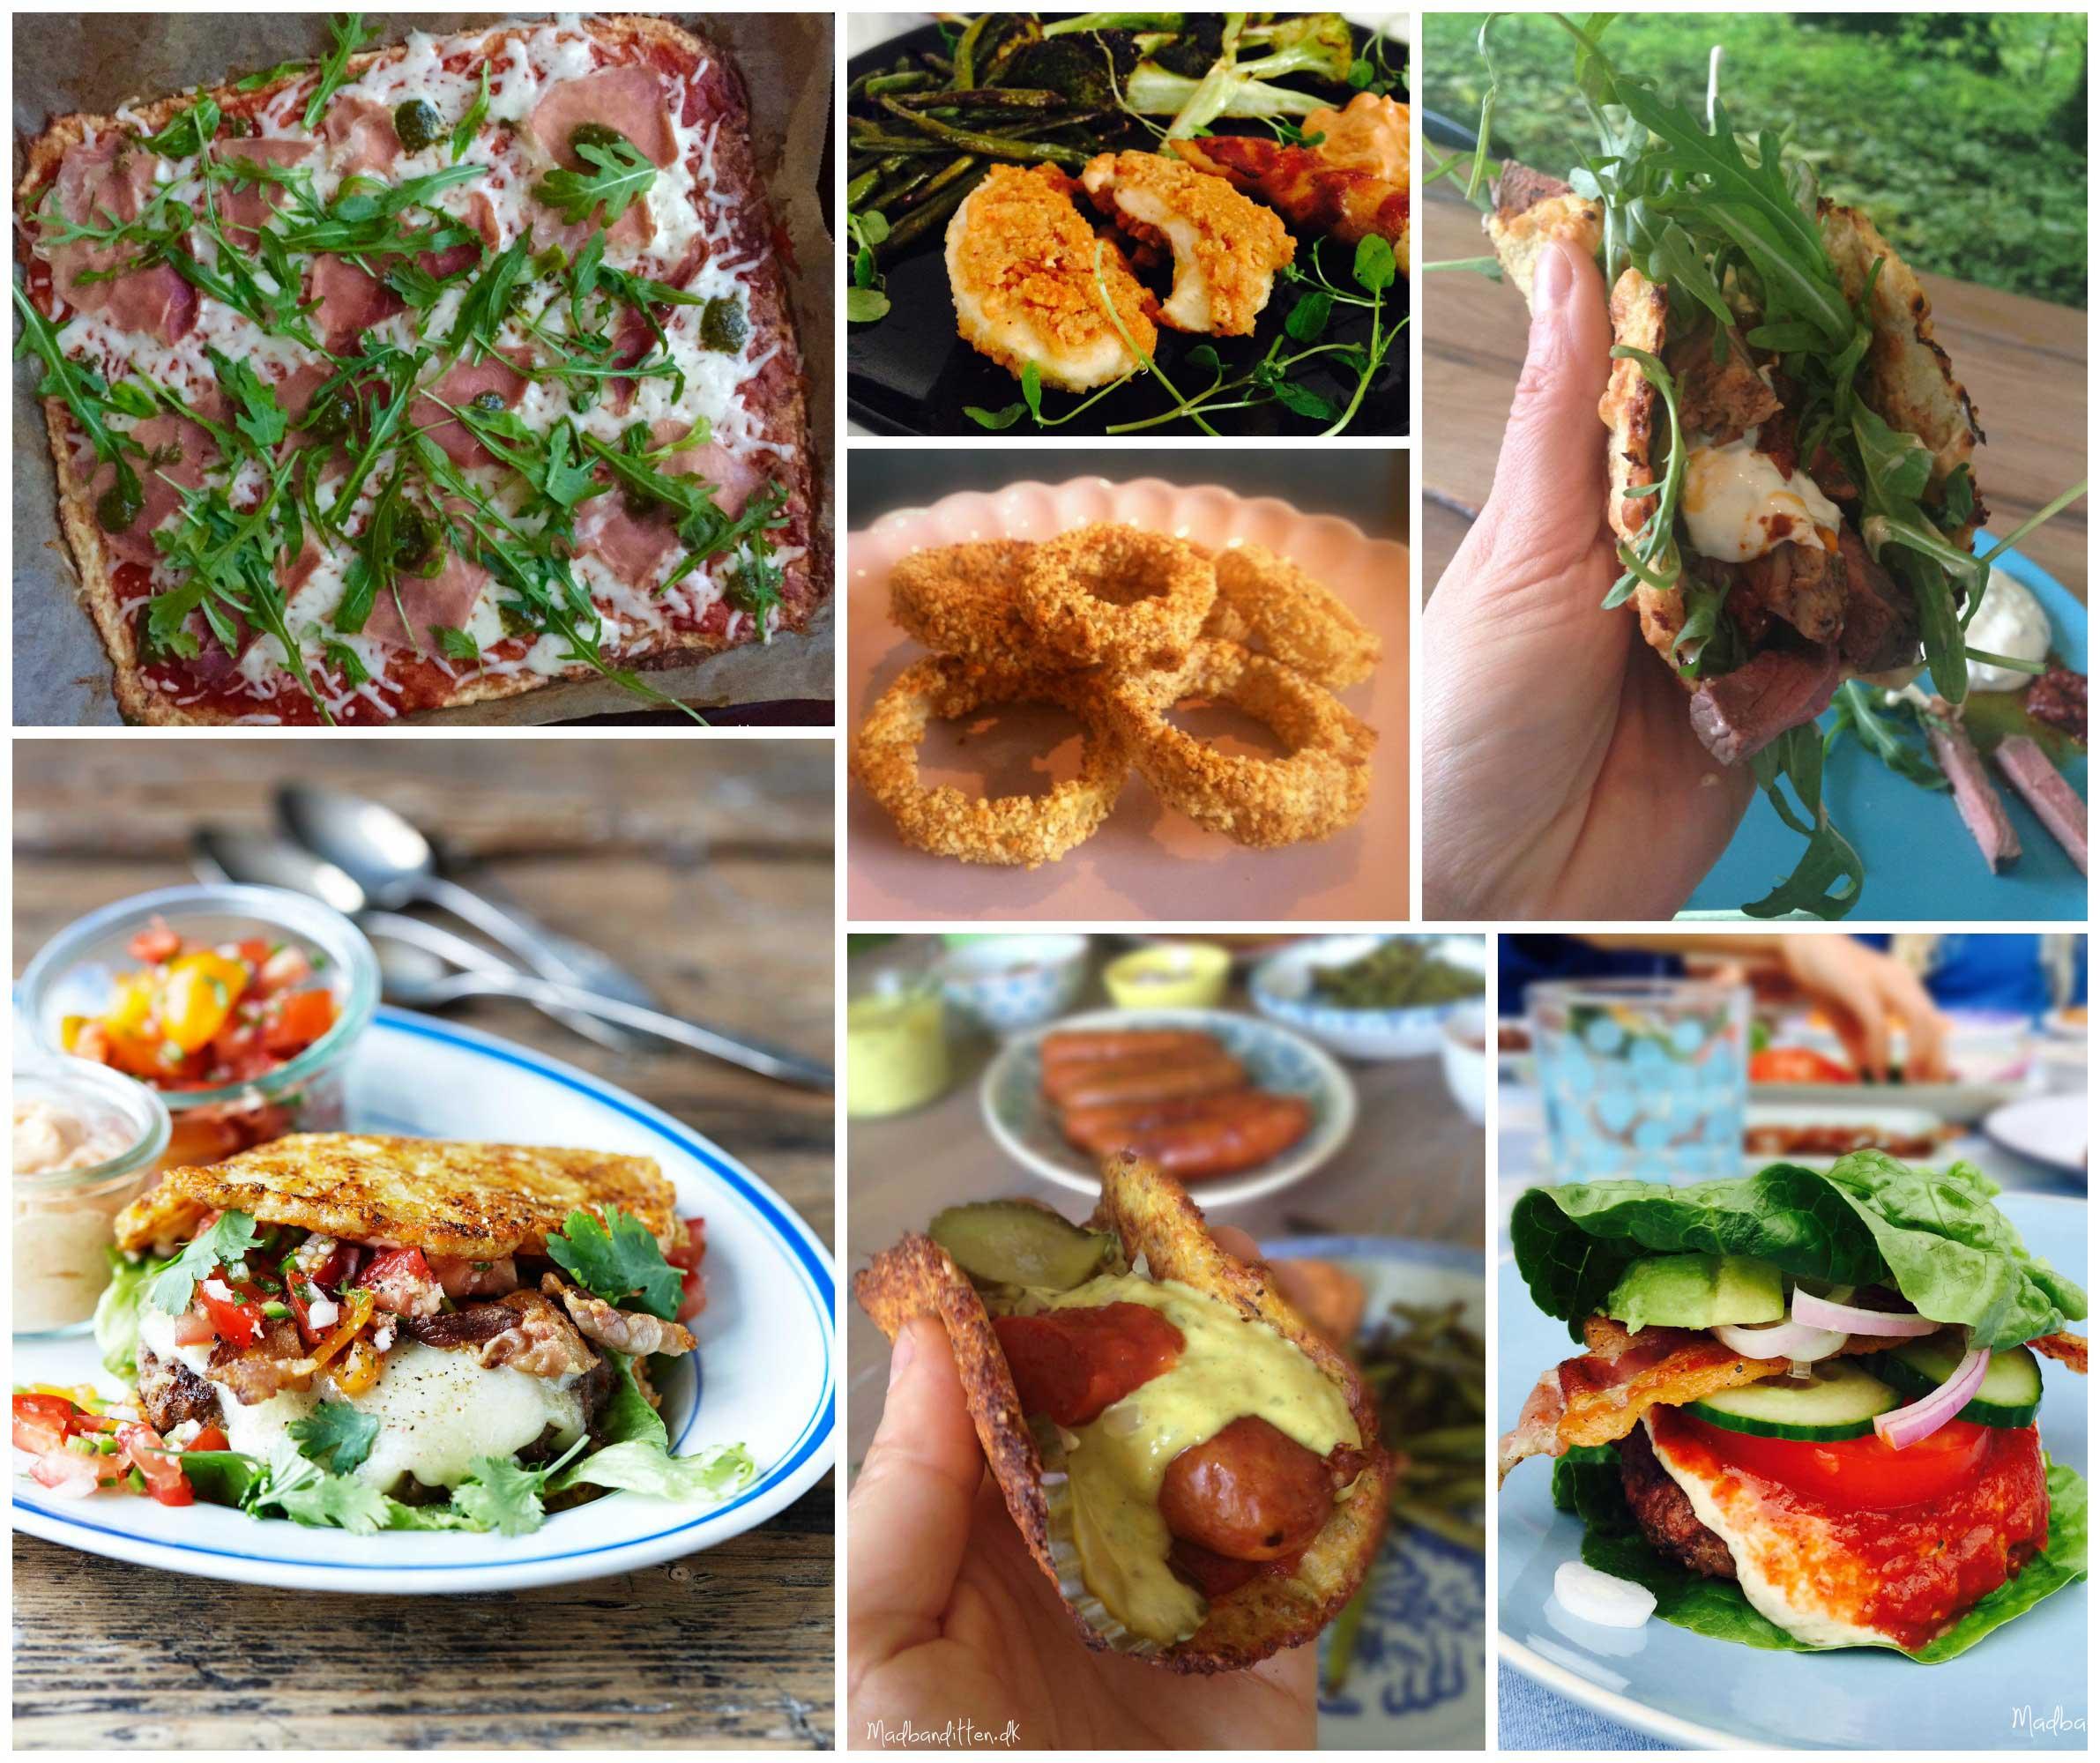 Sundt fastfood - Fastfood favoritter - opskrifter på sund tømmermændsmad